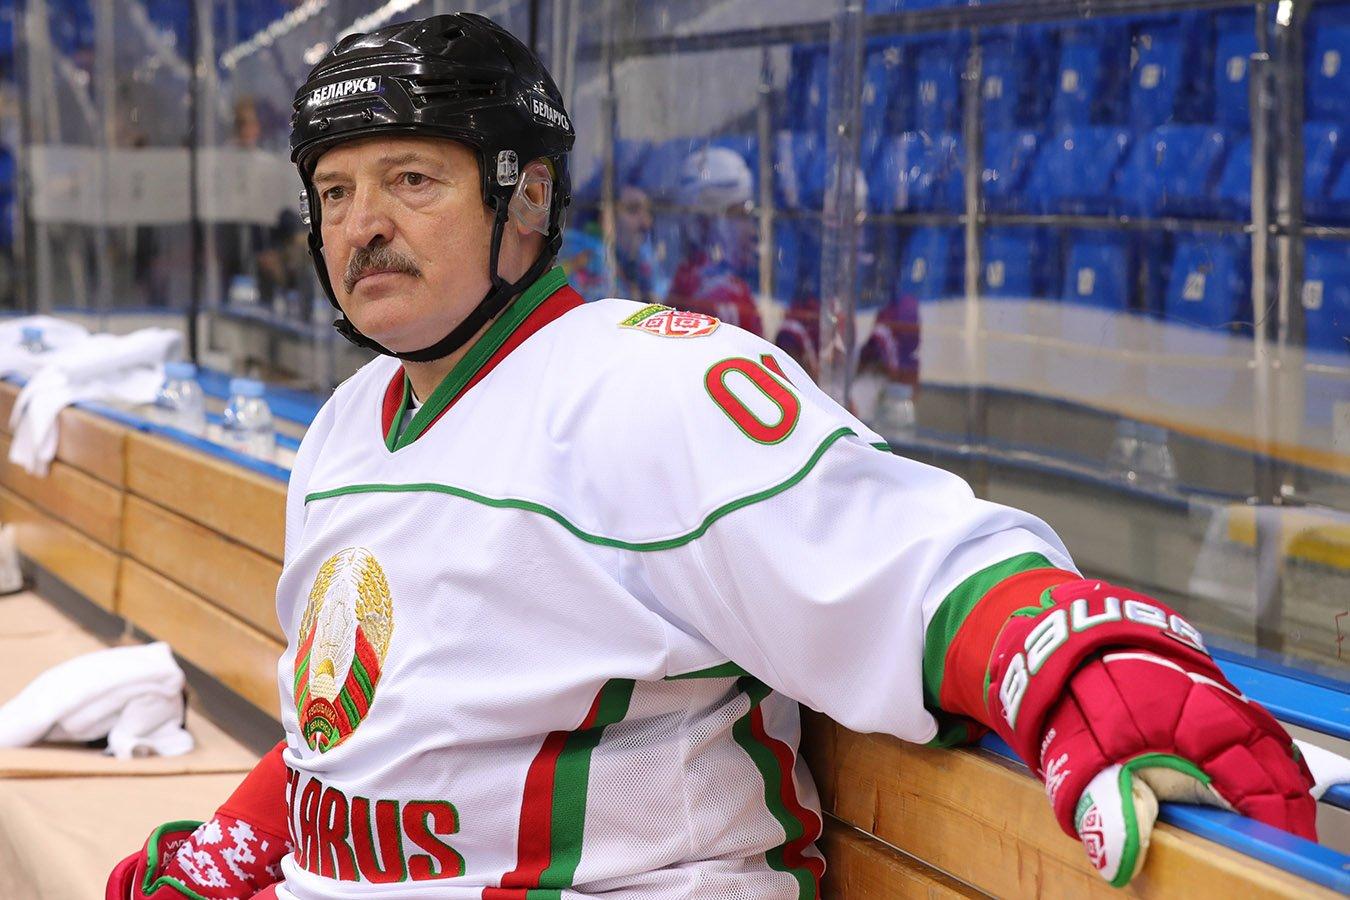 Лукашенко жёстко раскритиковал сборную Беларуси по хоккею после поражения от Польши